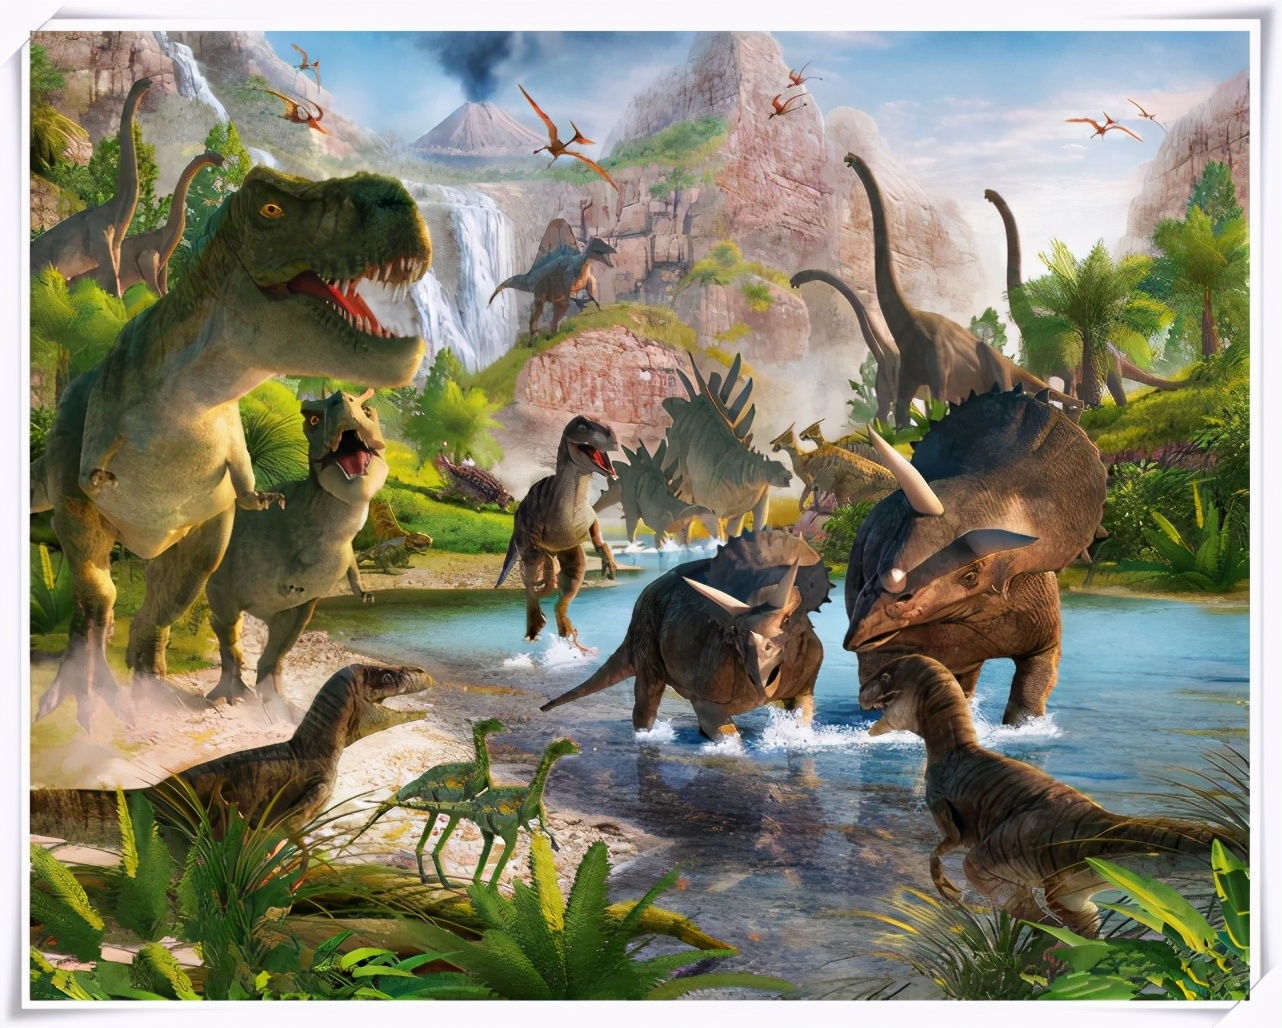 恐龙统治地球长达一亿多年,人类统治地球的时间能超过恐龙吗?